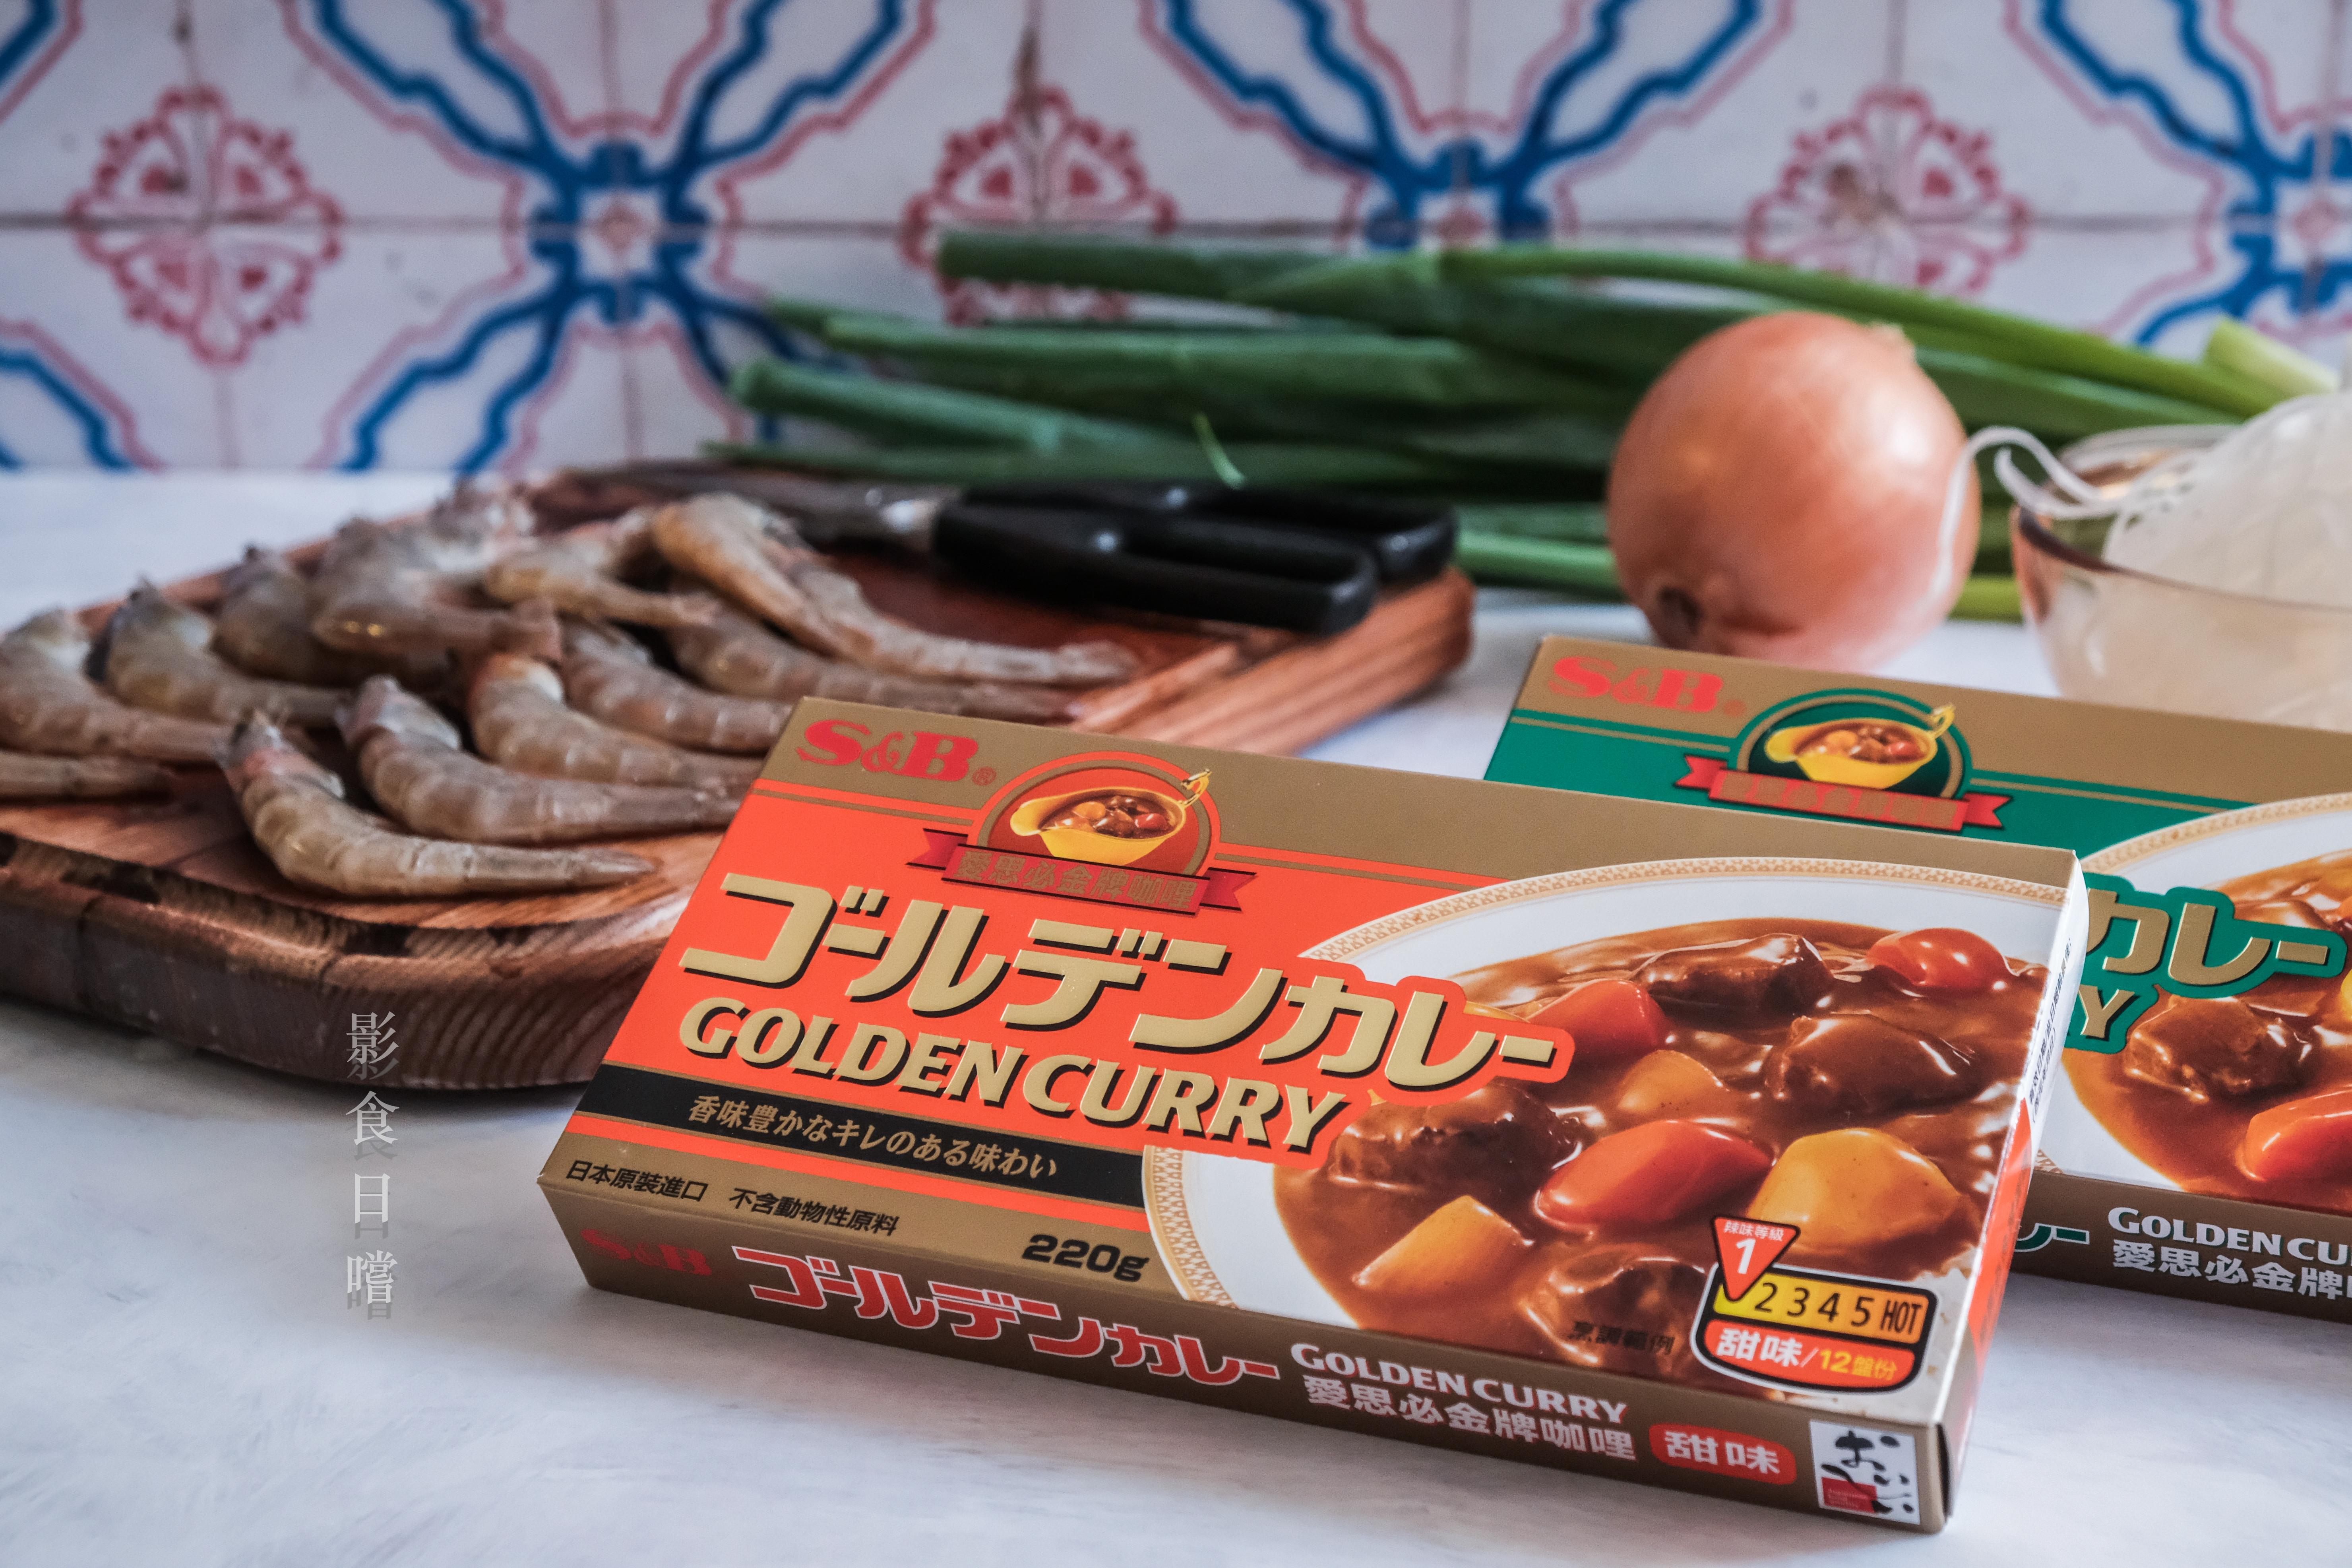 讓美味咖哩融入你的家常料理 - S&B金牌咖哩塊的第 14 張圖片